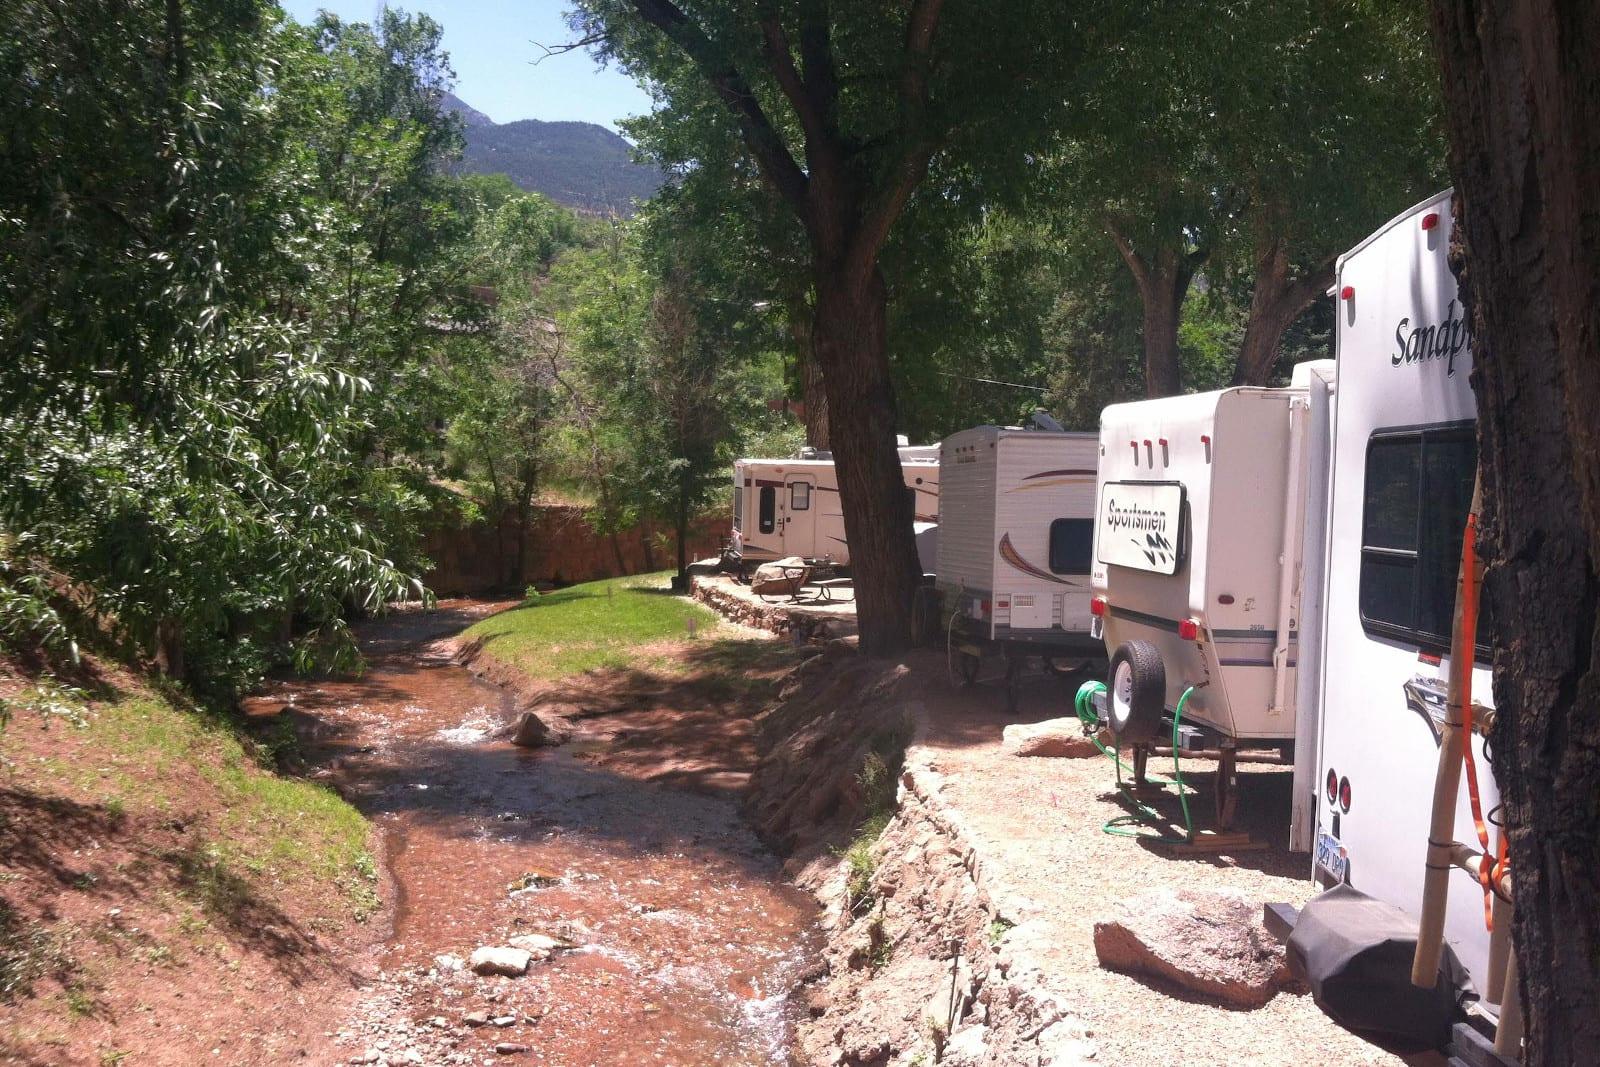 Camping Near Colorado Springs Pikes Peak RV Park